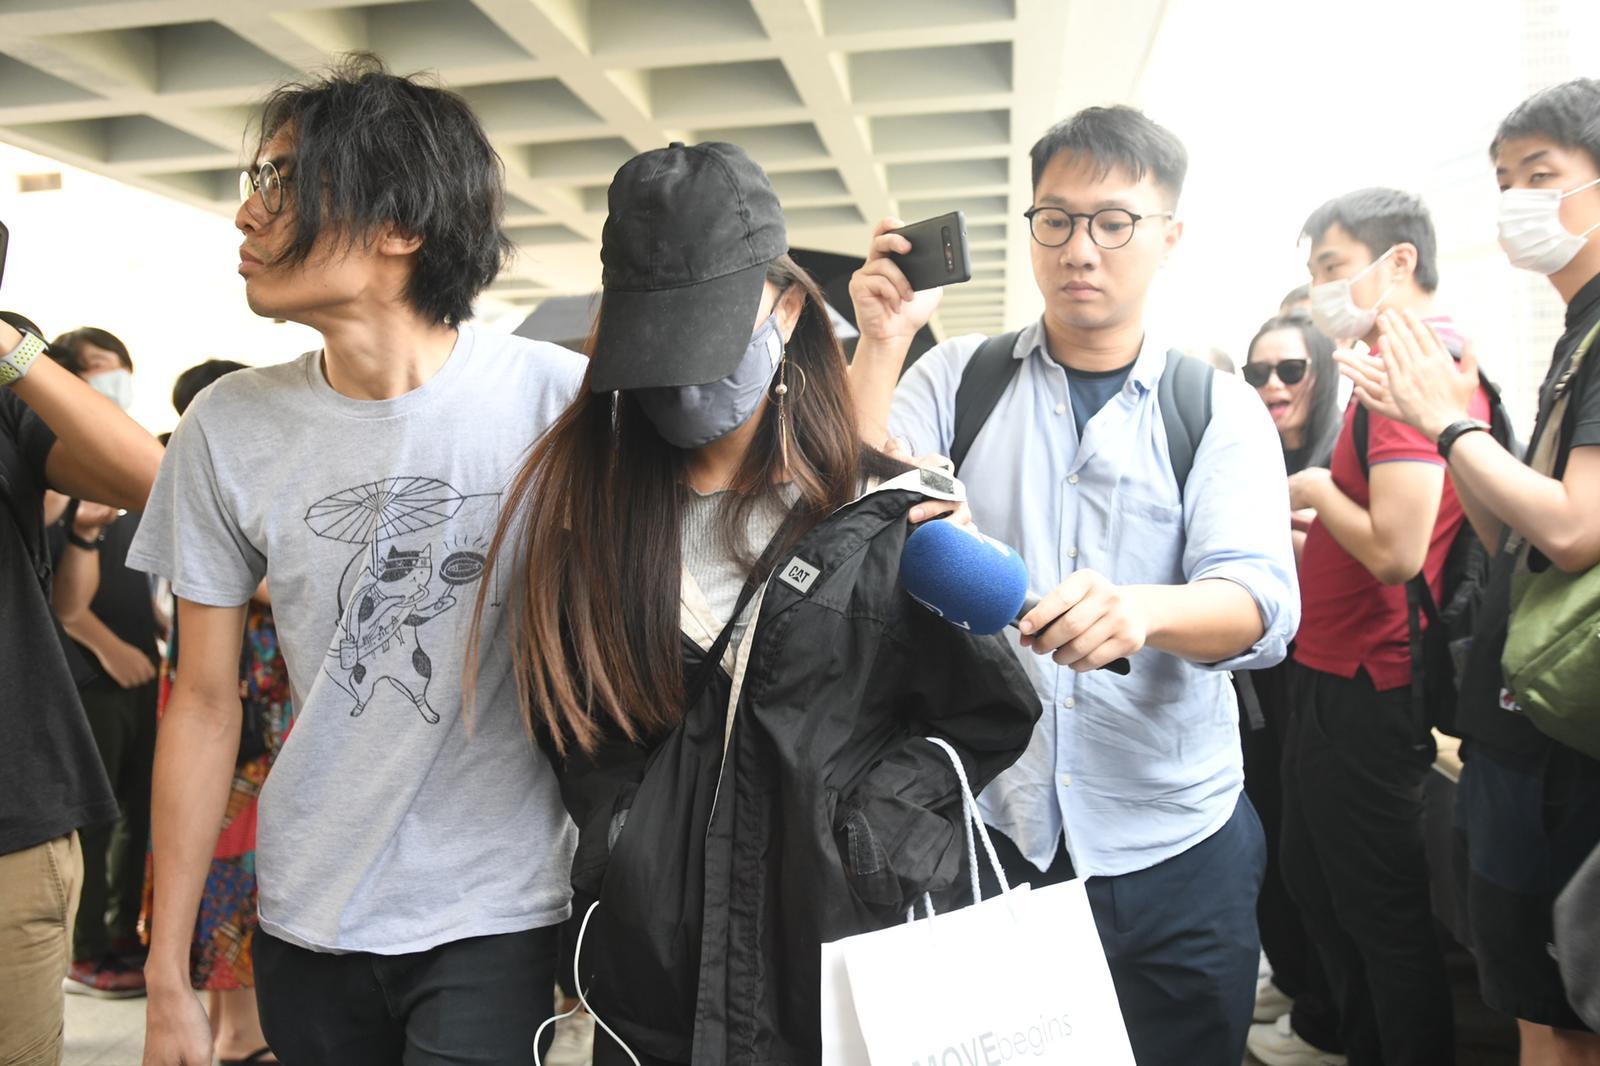 爆眼女示威者「K」胞妹。